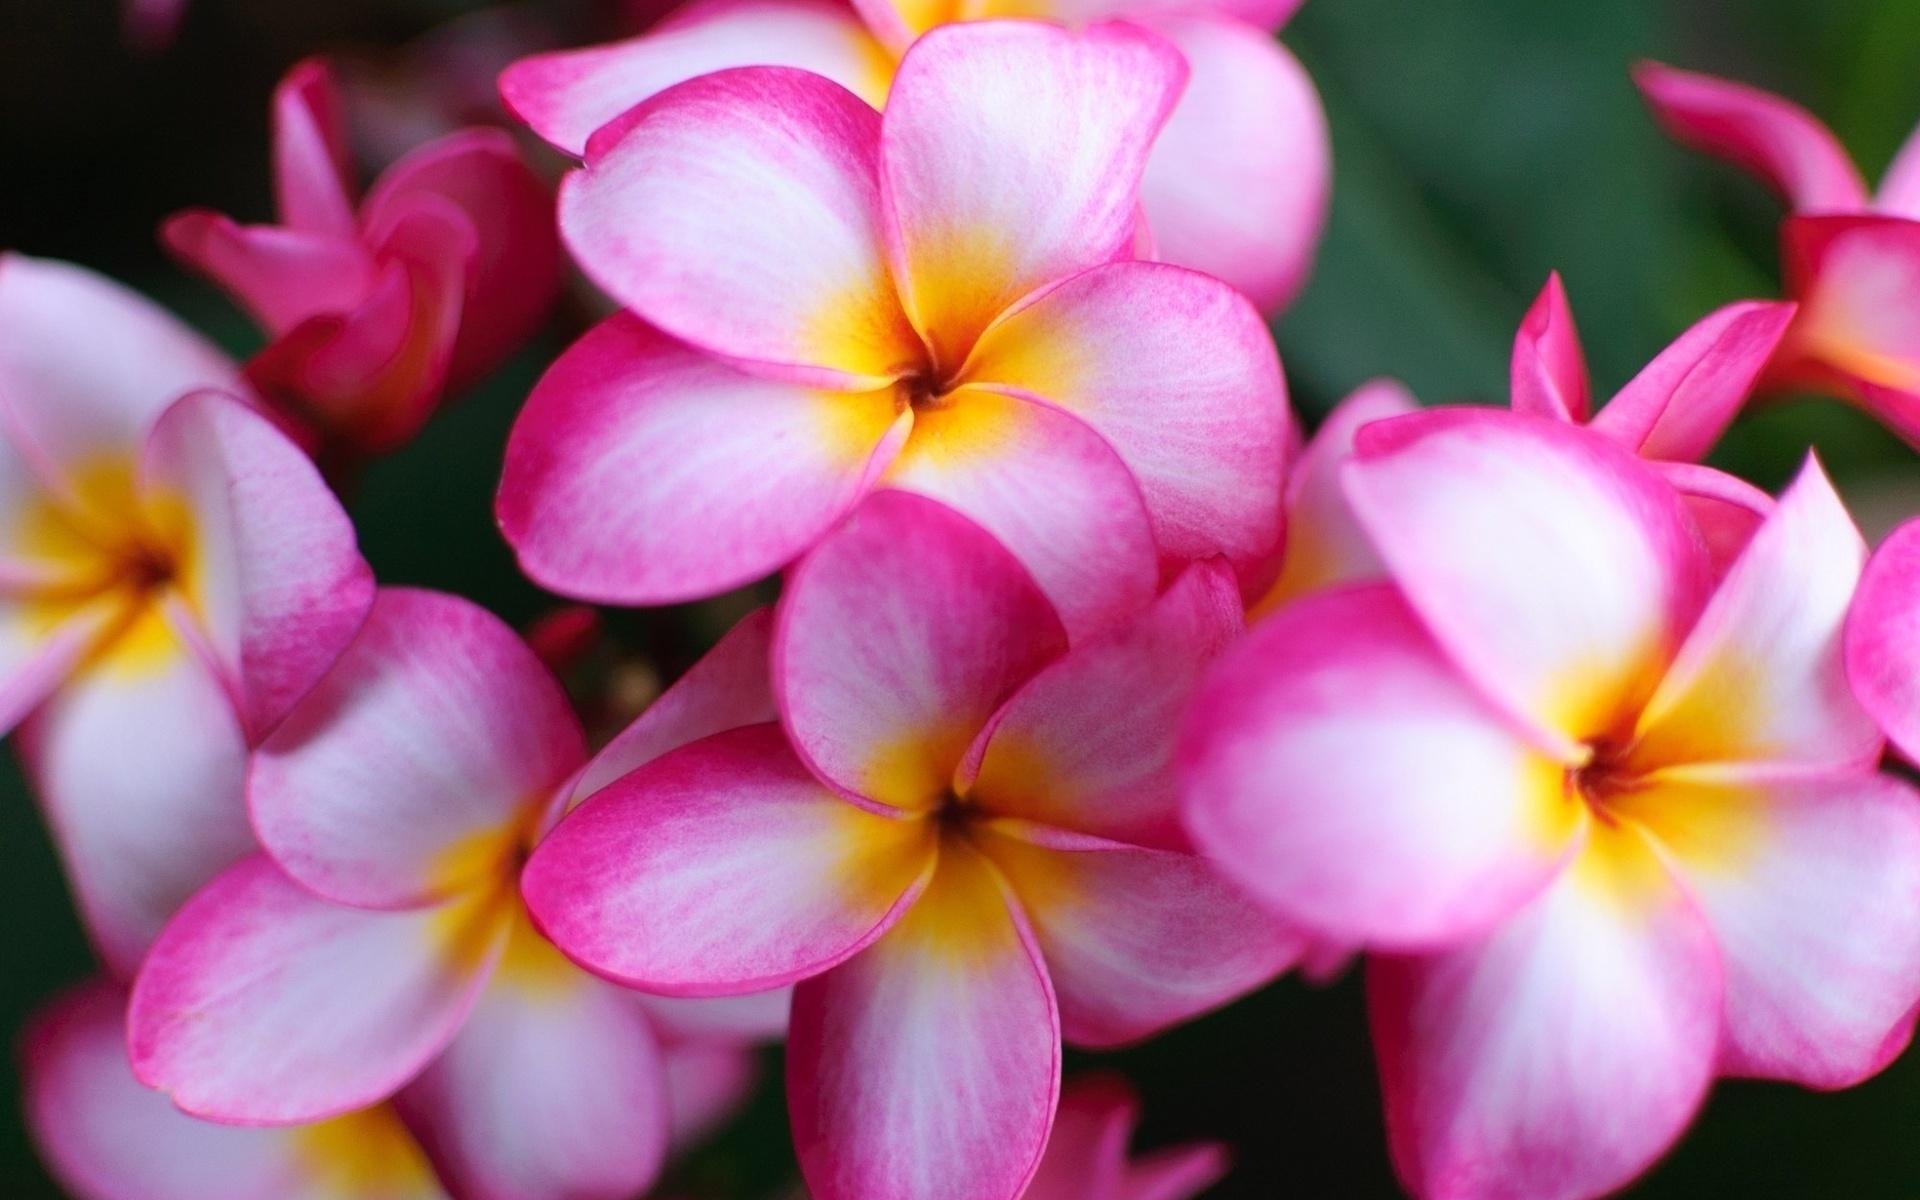 приходят вовремя, цветы картинки красивые большие размеры как диагноз встречается